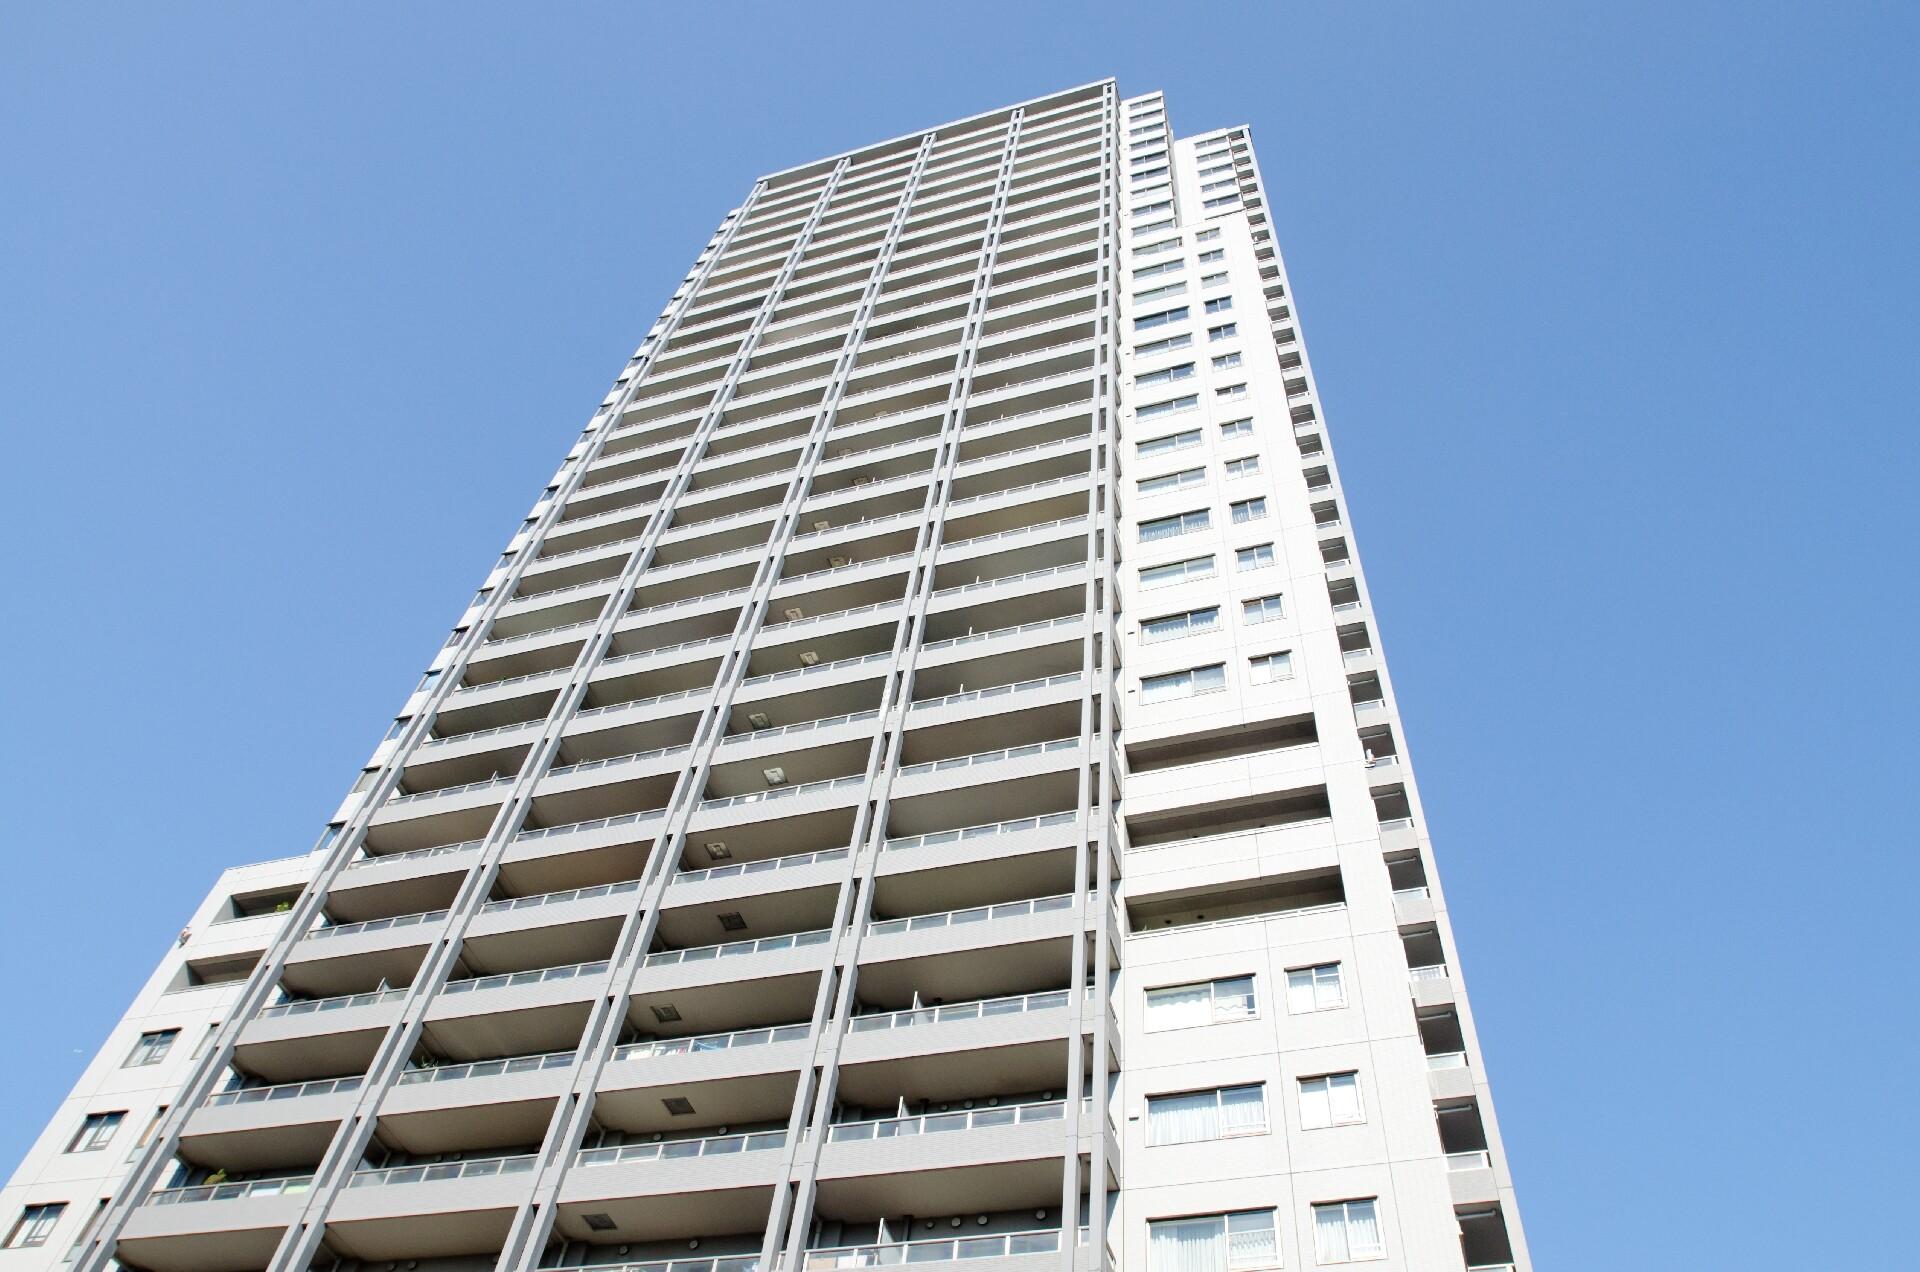 大田区のポスティング不可である高級マンション・高層タワーマンションにもチラシ広告をお届けします